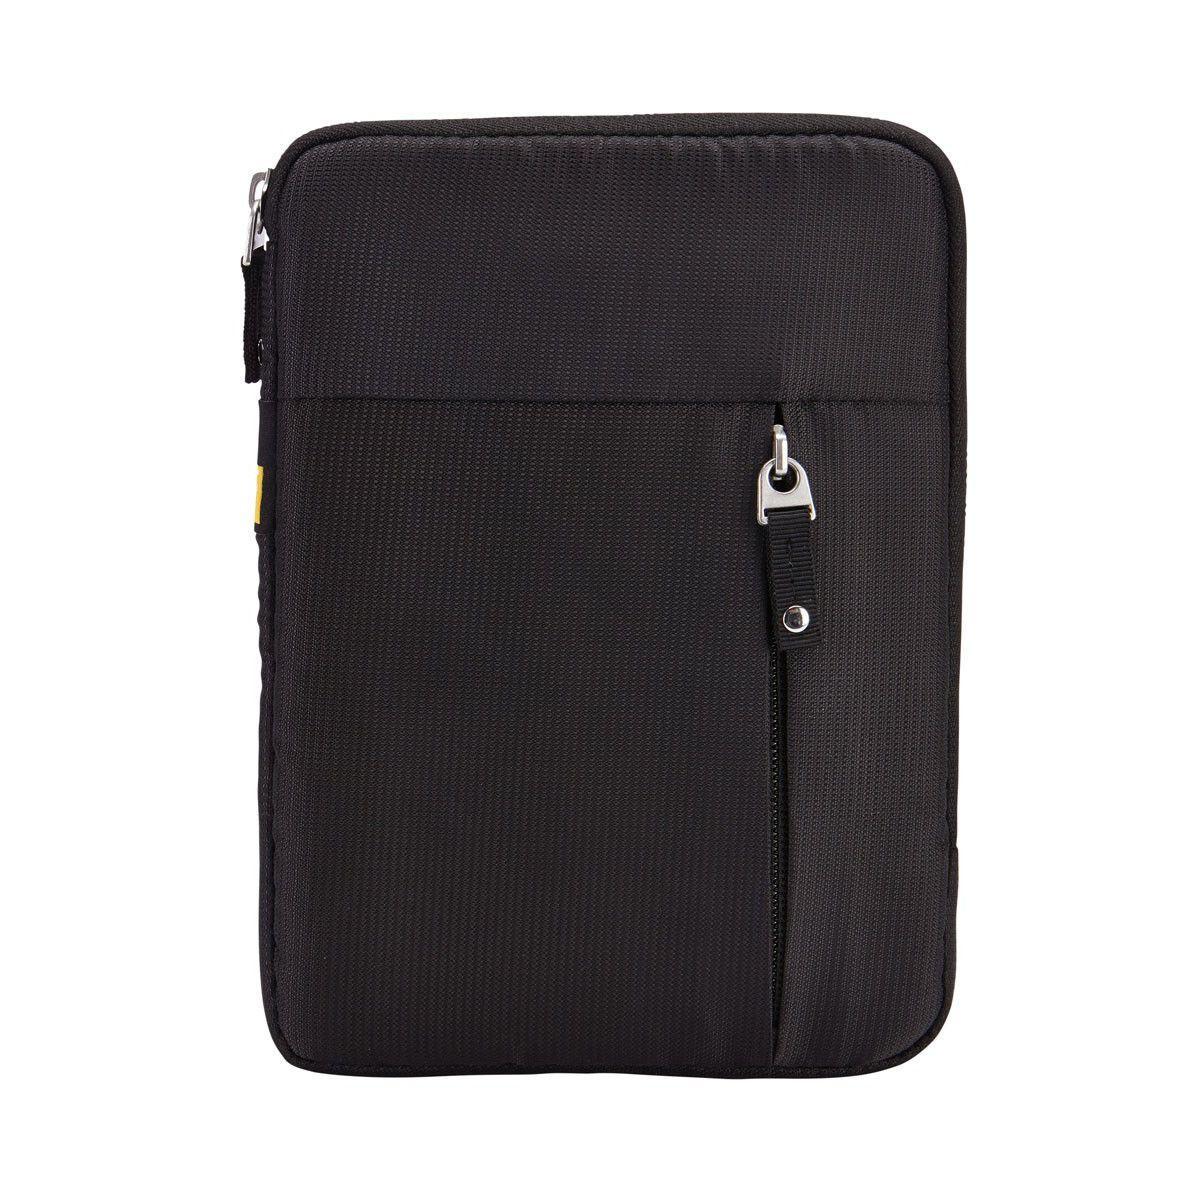 Etui tablette caselogic universelle 8'' noire - 2% de remise imm�diate avec le code : priv2 (photo)